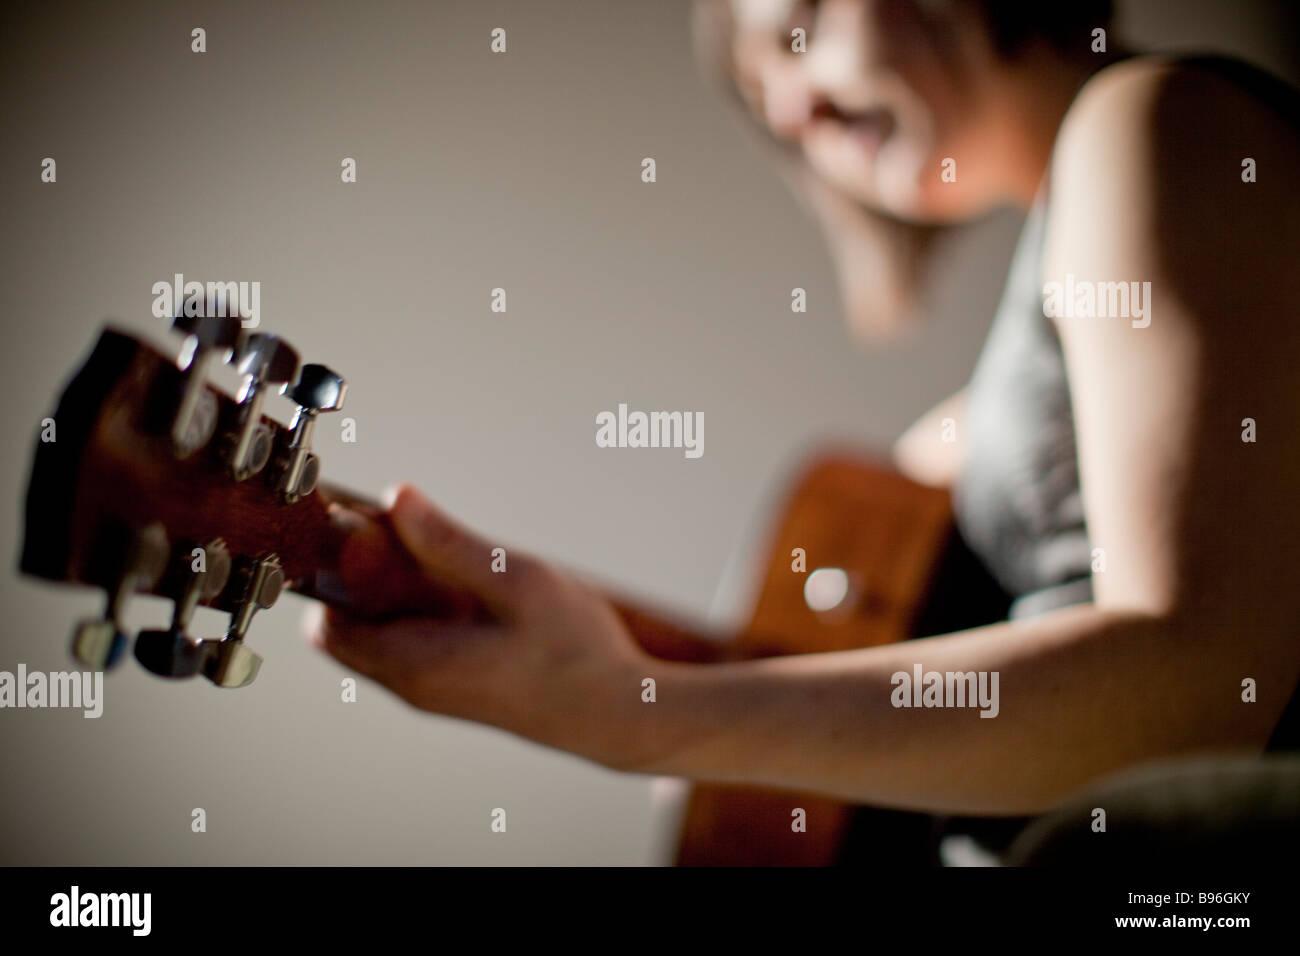 Giovane donna a suonare la chitarra Immagini Stock